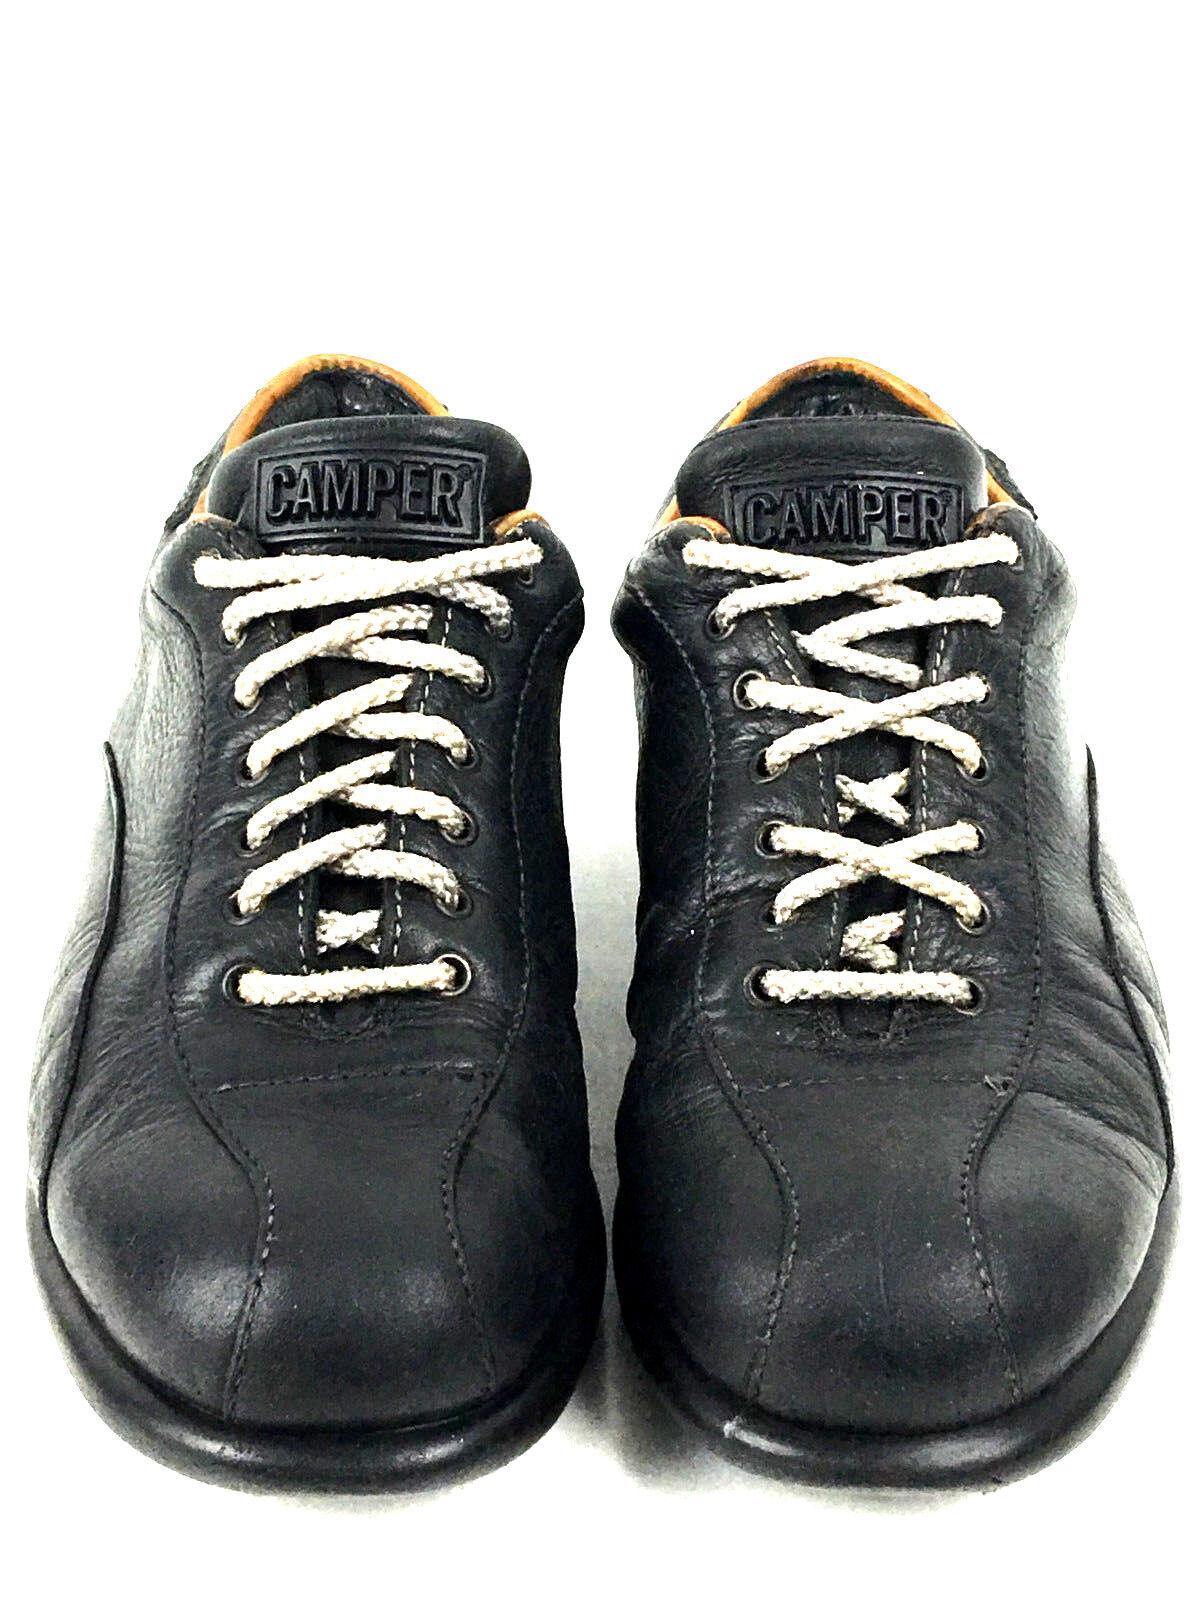 Camper-Pelotas Camper-Pelotas Camper-Pelotas Baskets Noir Taille EU.39 US.8.5 UK.6.5 031971